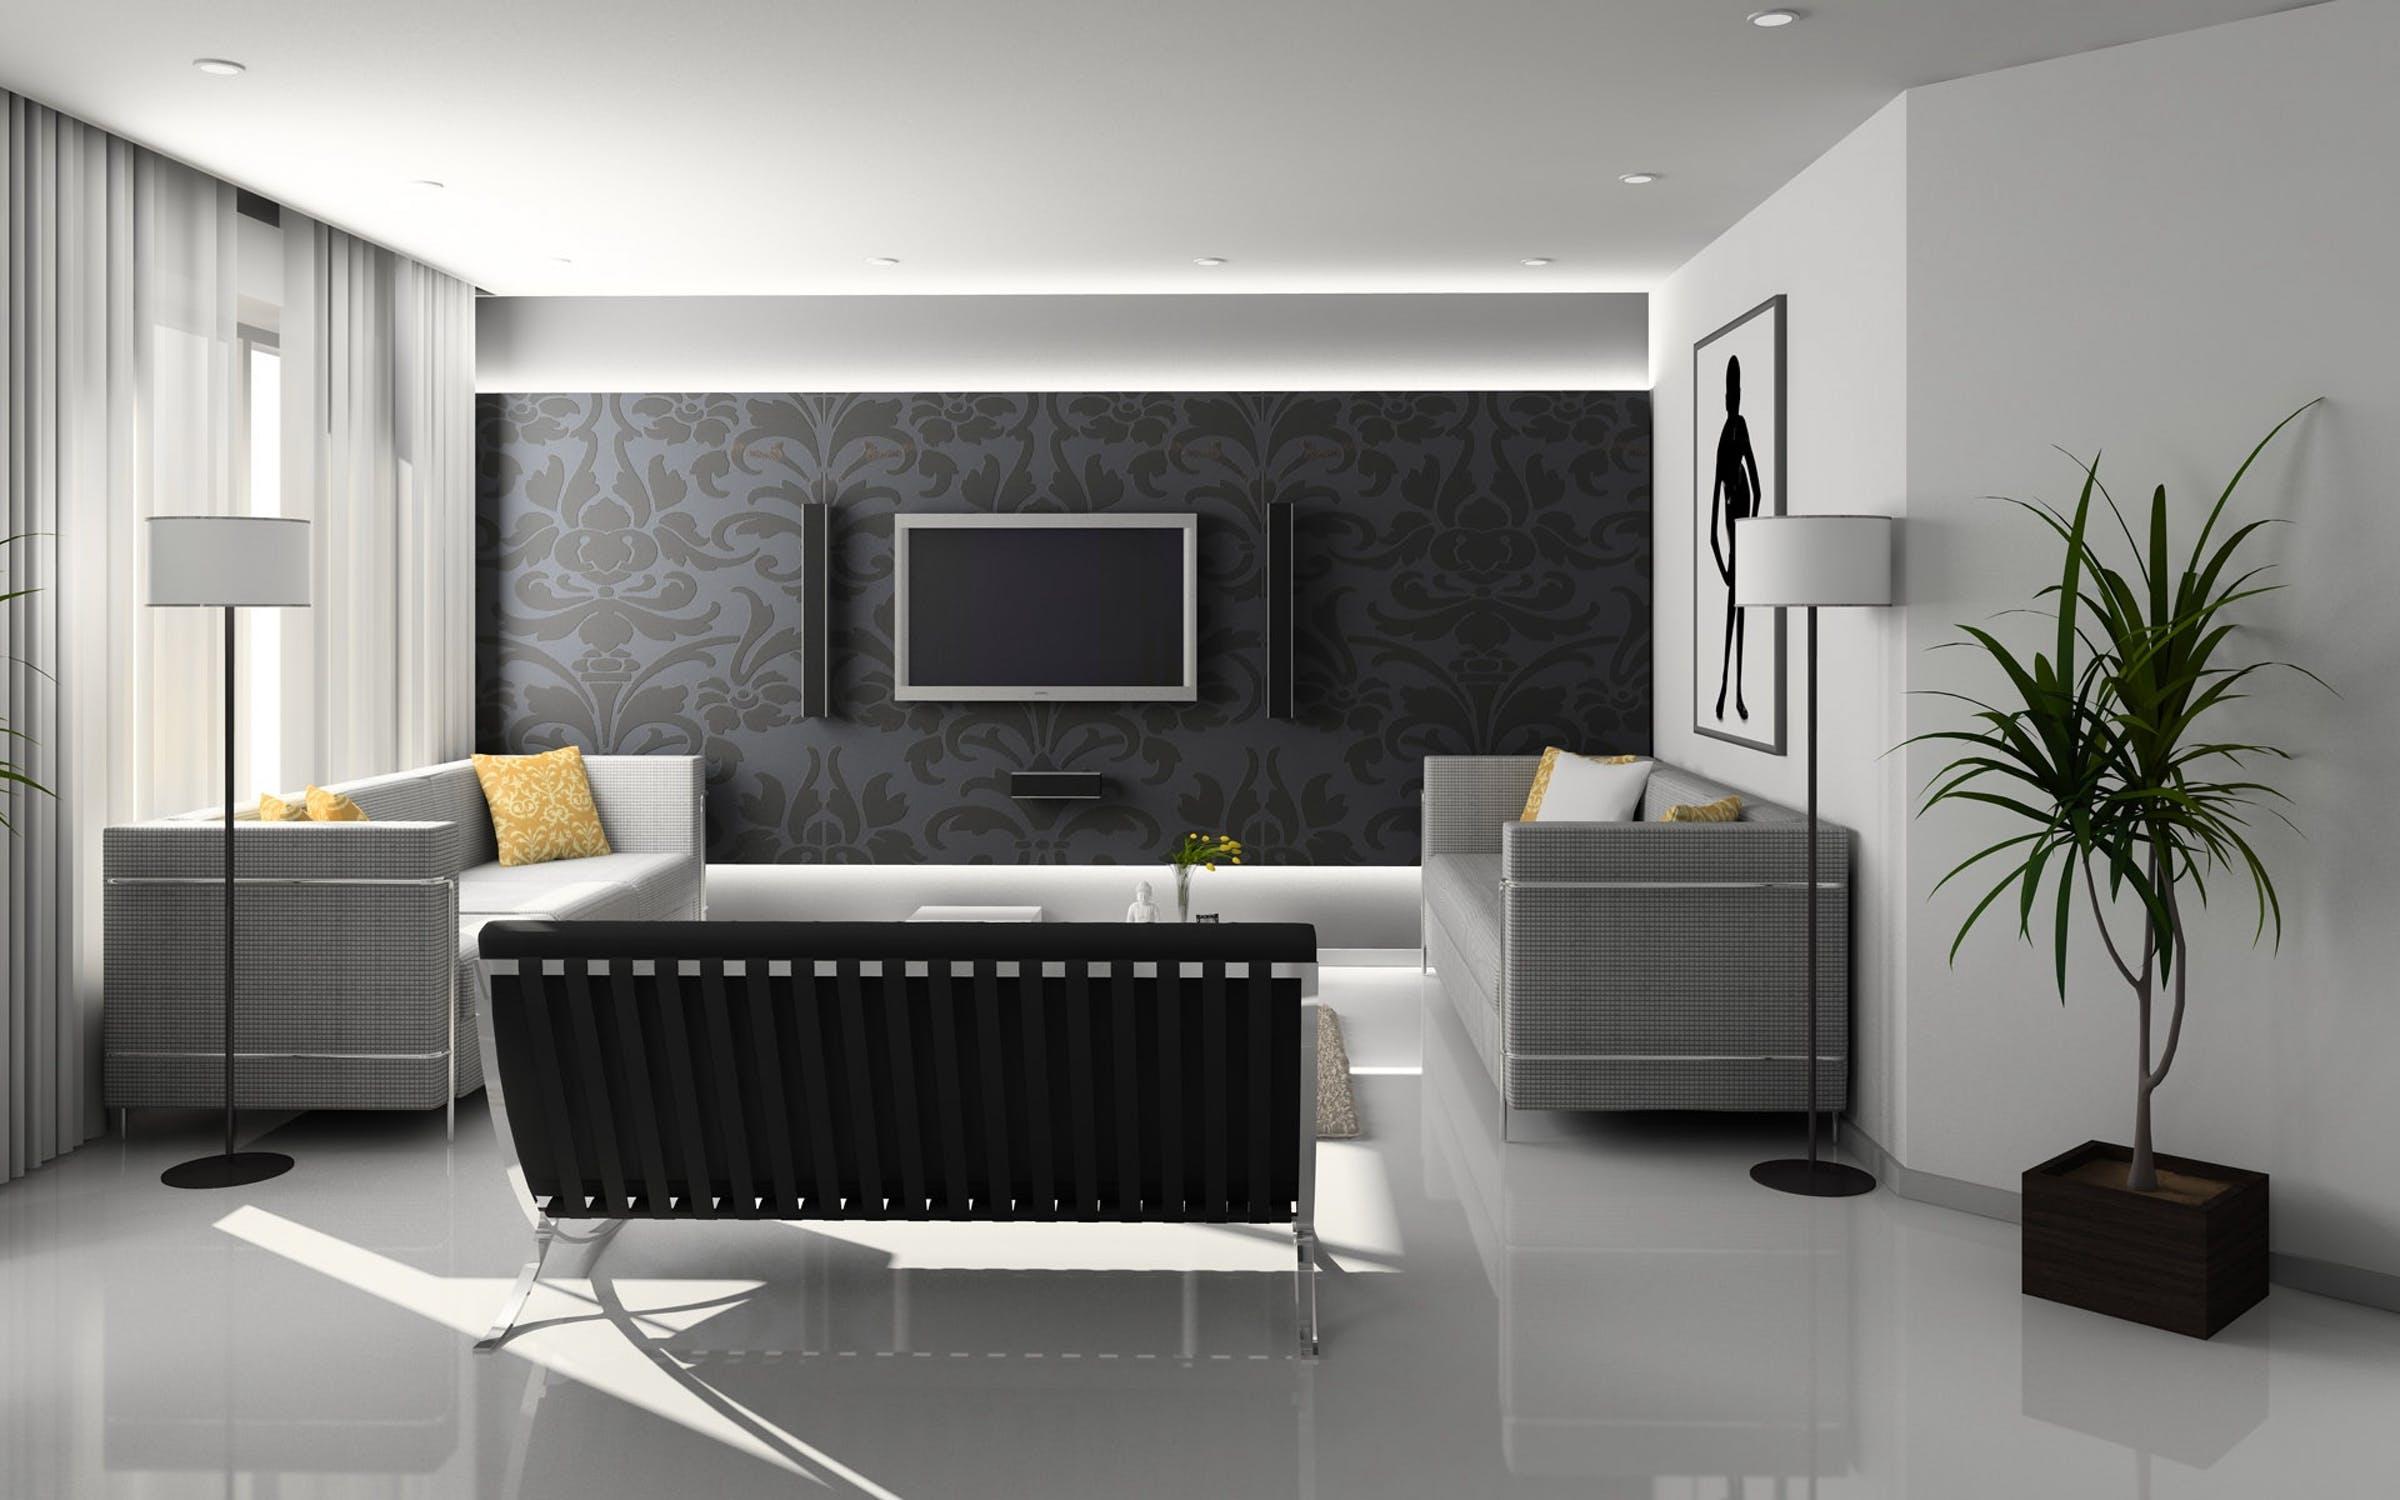 Desain Interior Rumah Minimalis Konsultan Arsitek Desain